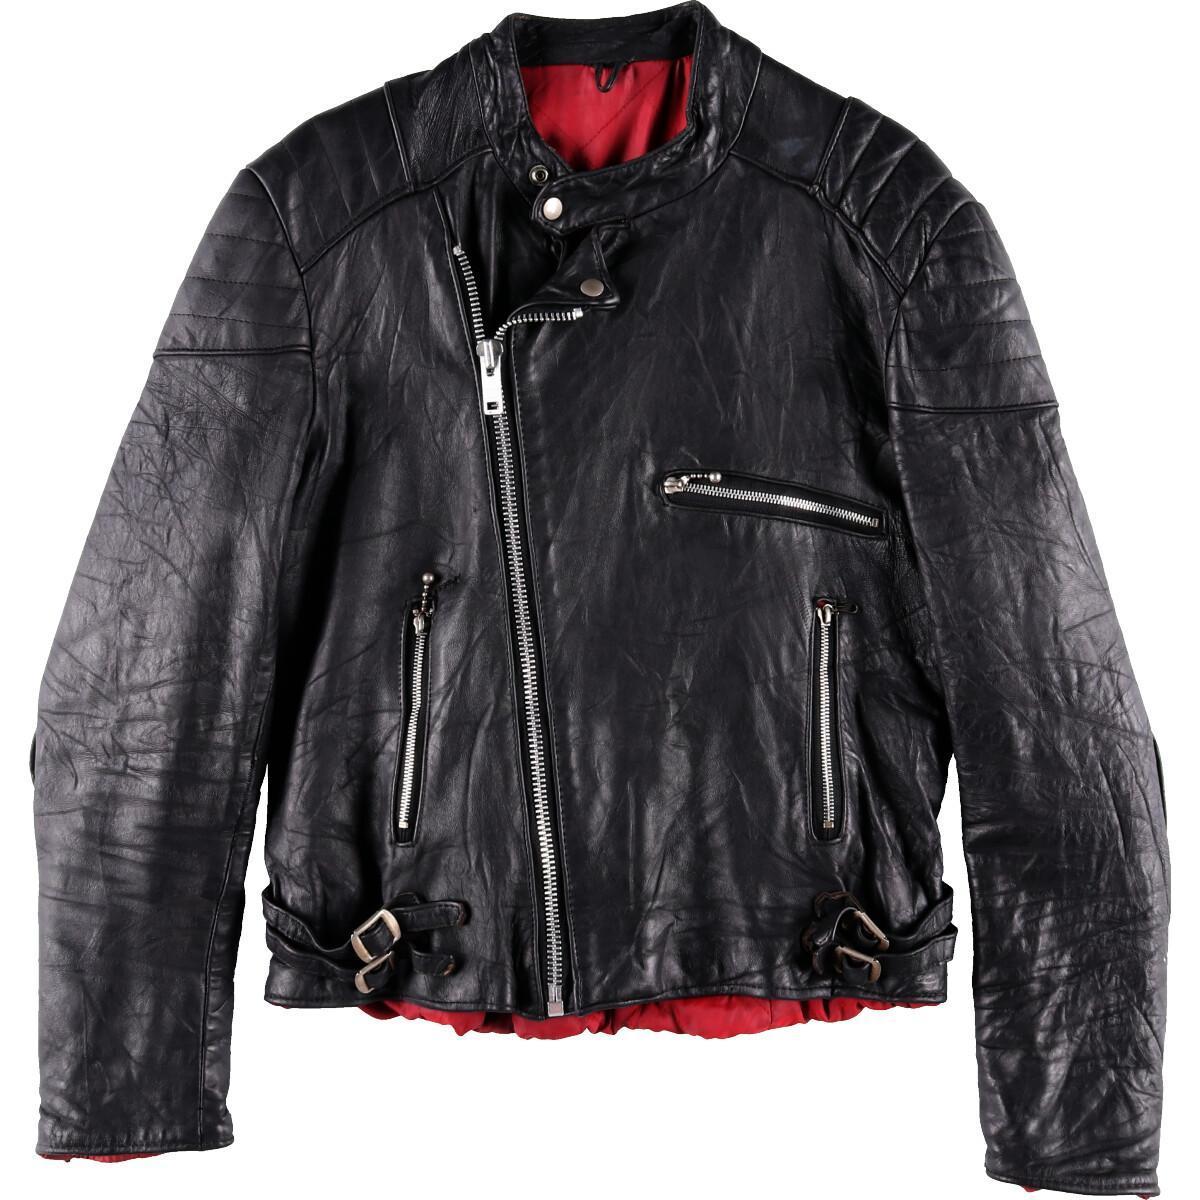 ロンジャン セミダブルライダースジャケット メンズXL /wbf9001  【190901】【SS2009】【JS2010】:古着屋JAM